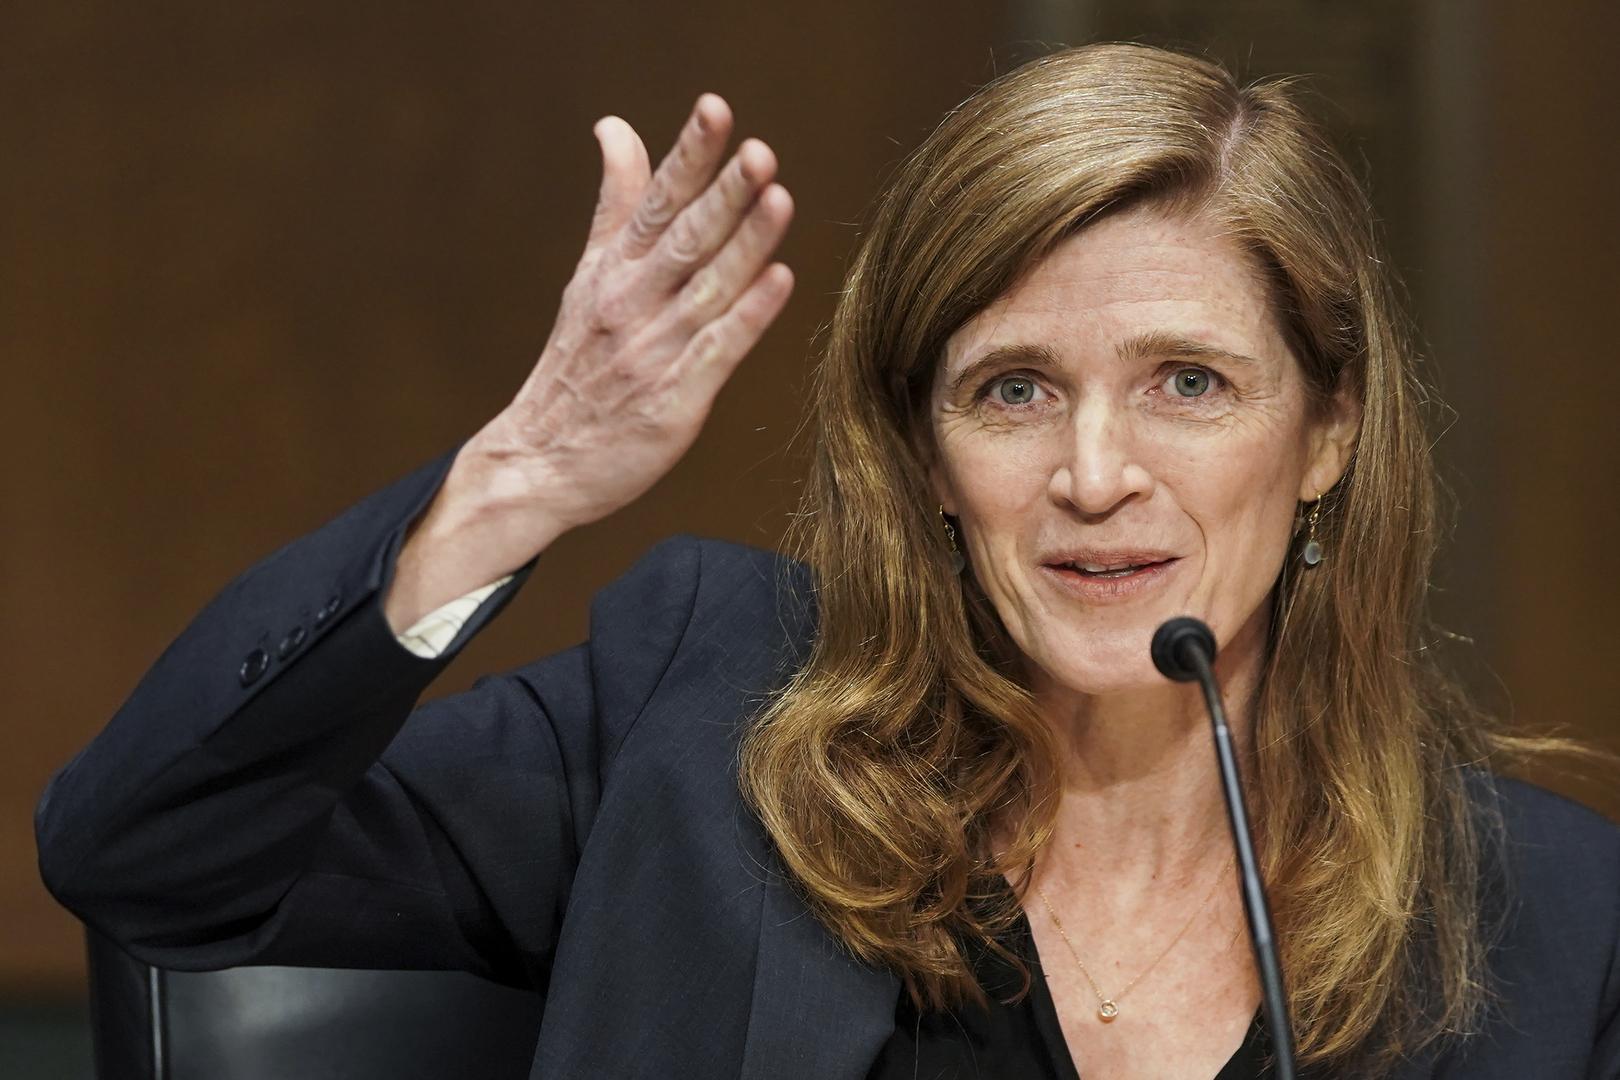 مديرة الوكالة الأمريكية للتنمية الدولية تزور إثيوبيا لبحث الوضع في تيغراي